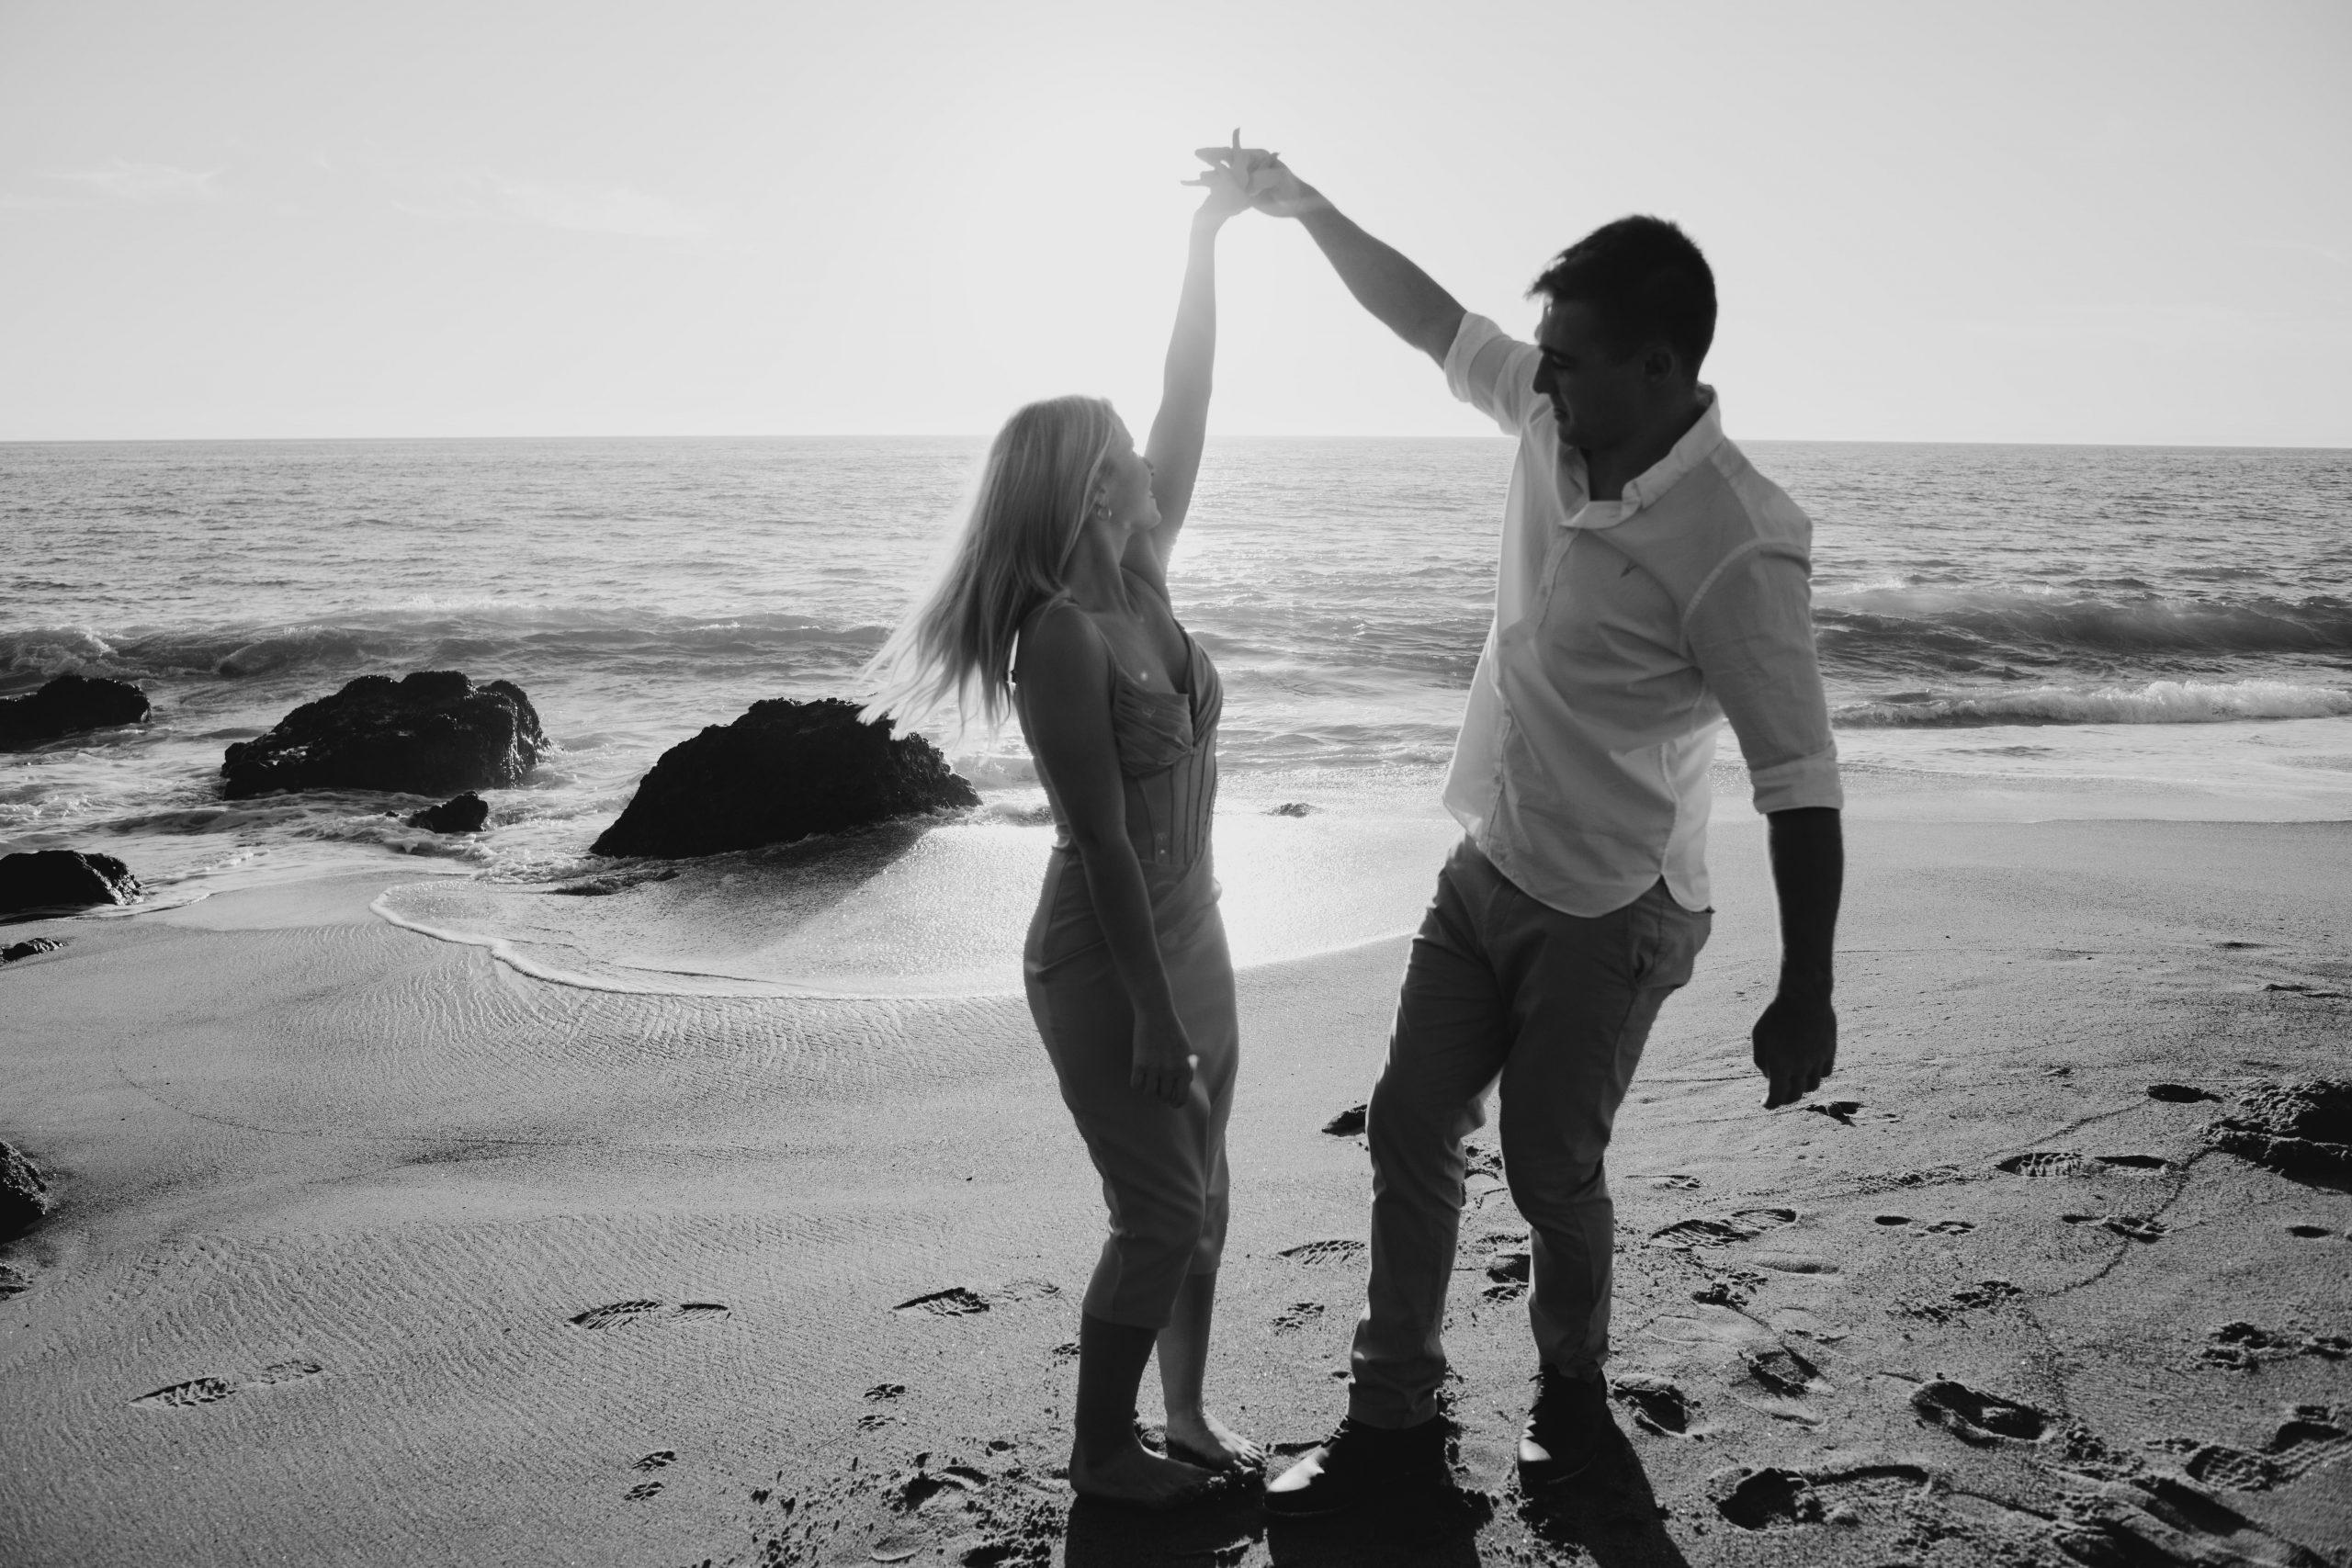 Point Dume Engagement Photoshoot in Malibu, image by Fatima Elreda Photo